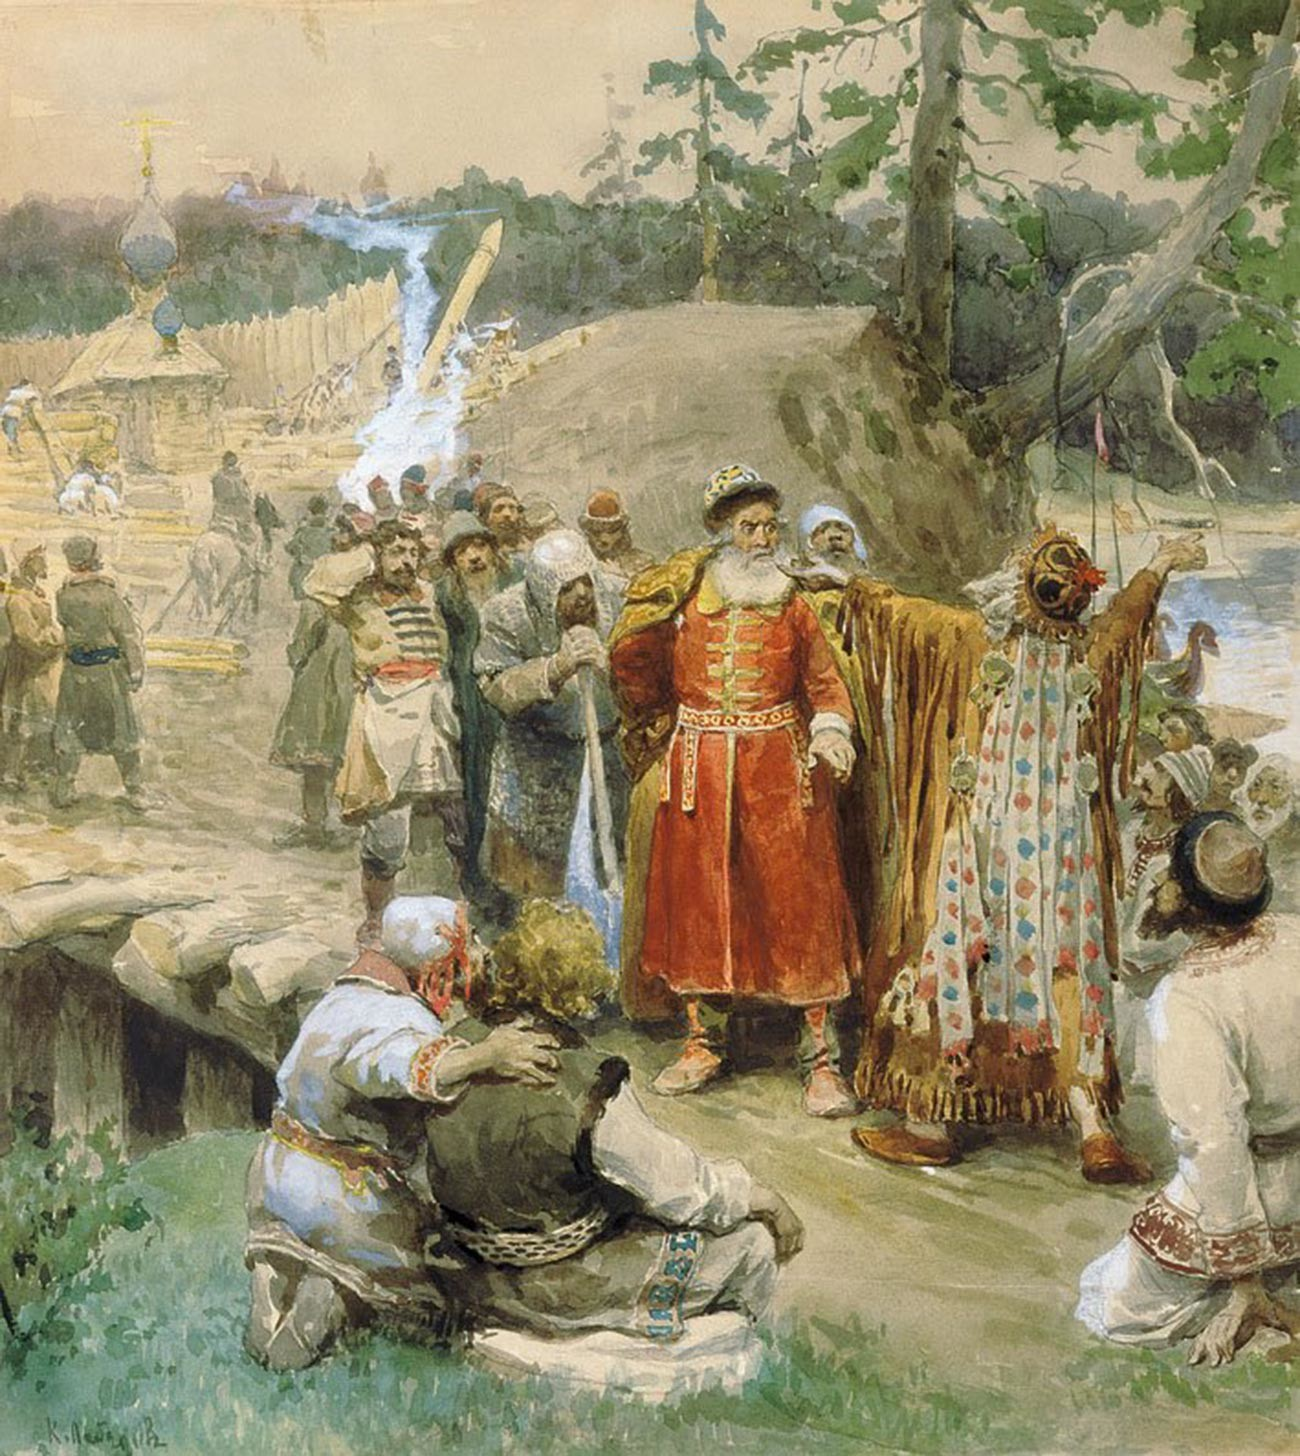 『新しい地を開拓するロシア人』